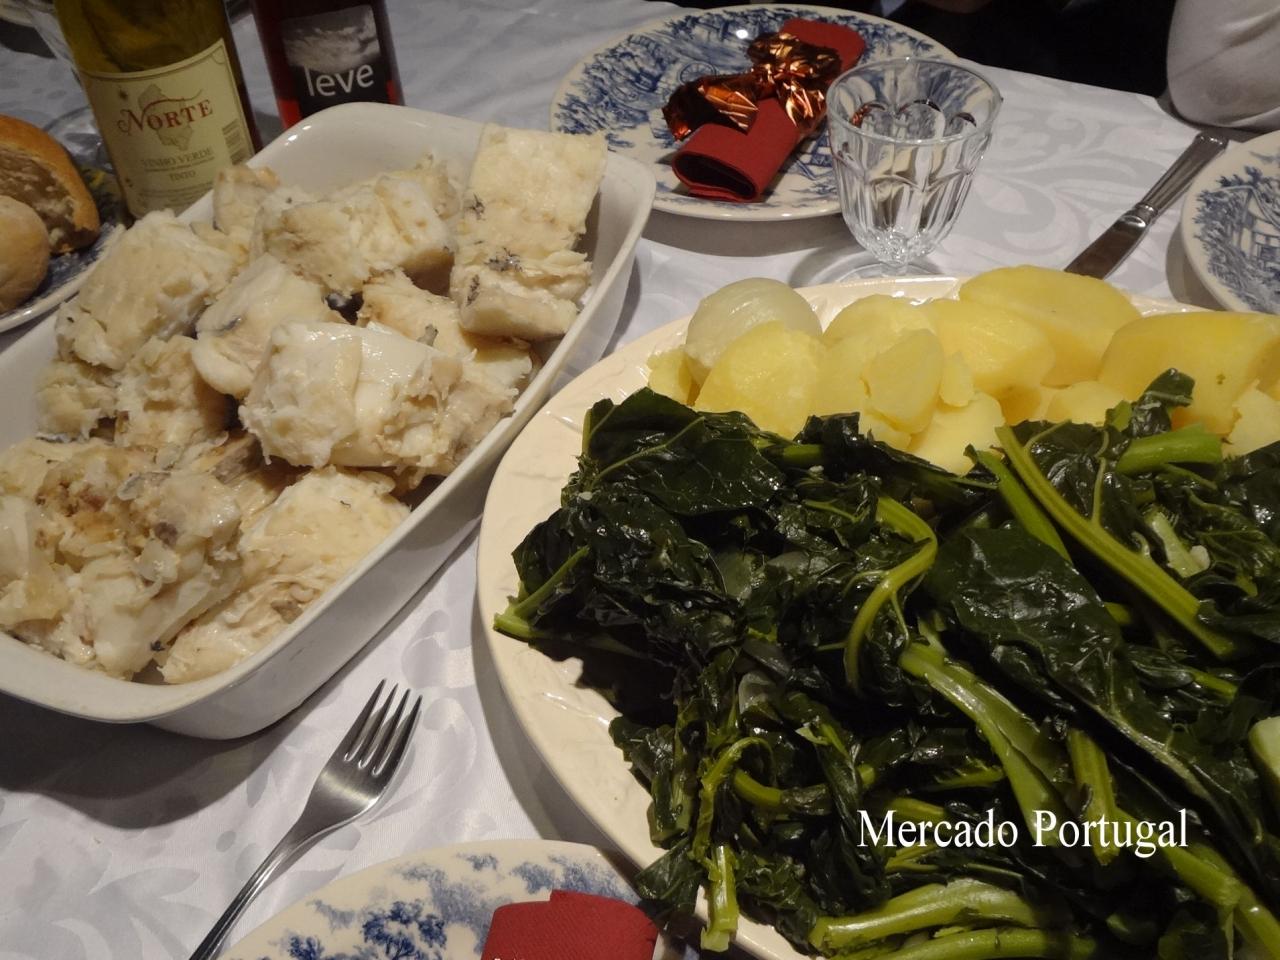 クリスマスディナーの様子。クリスマスには茹でたジャガイモが干しダラのお供です。